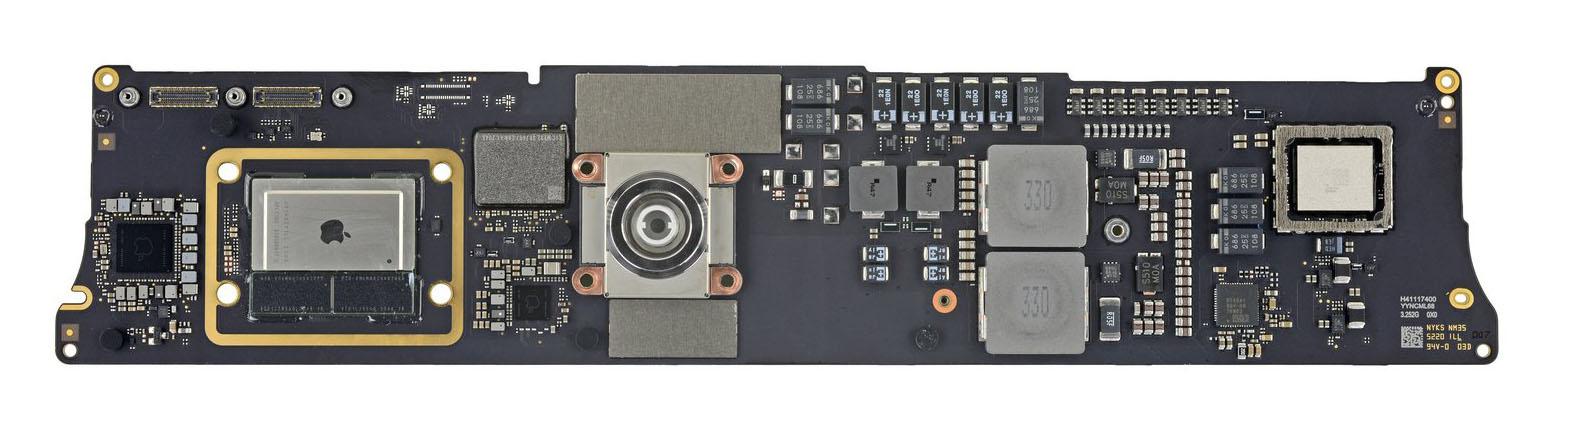 Placa base de un iMac con M1